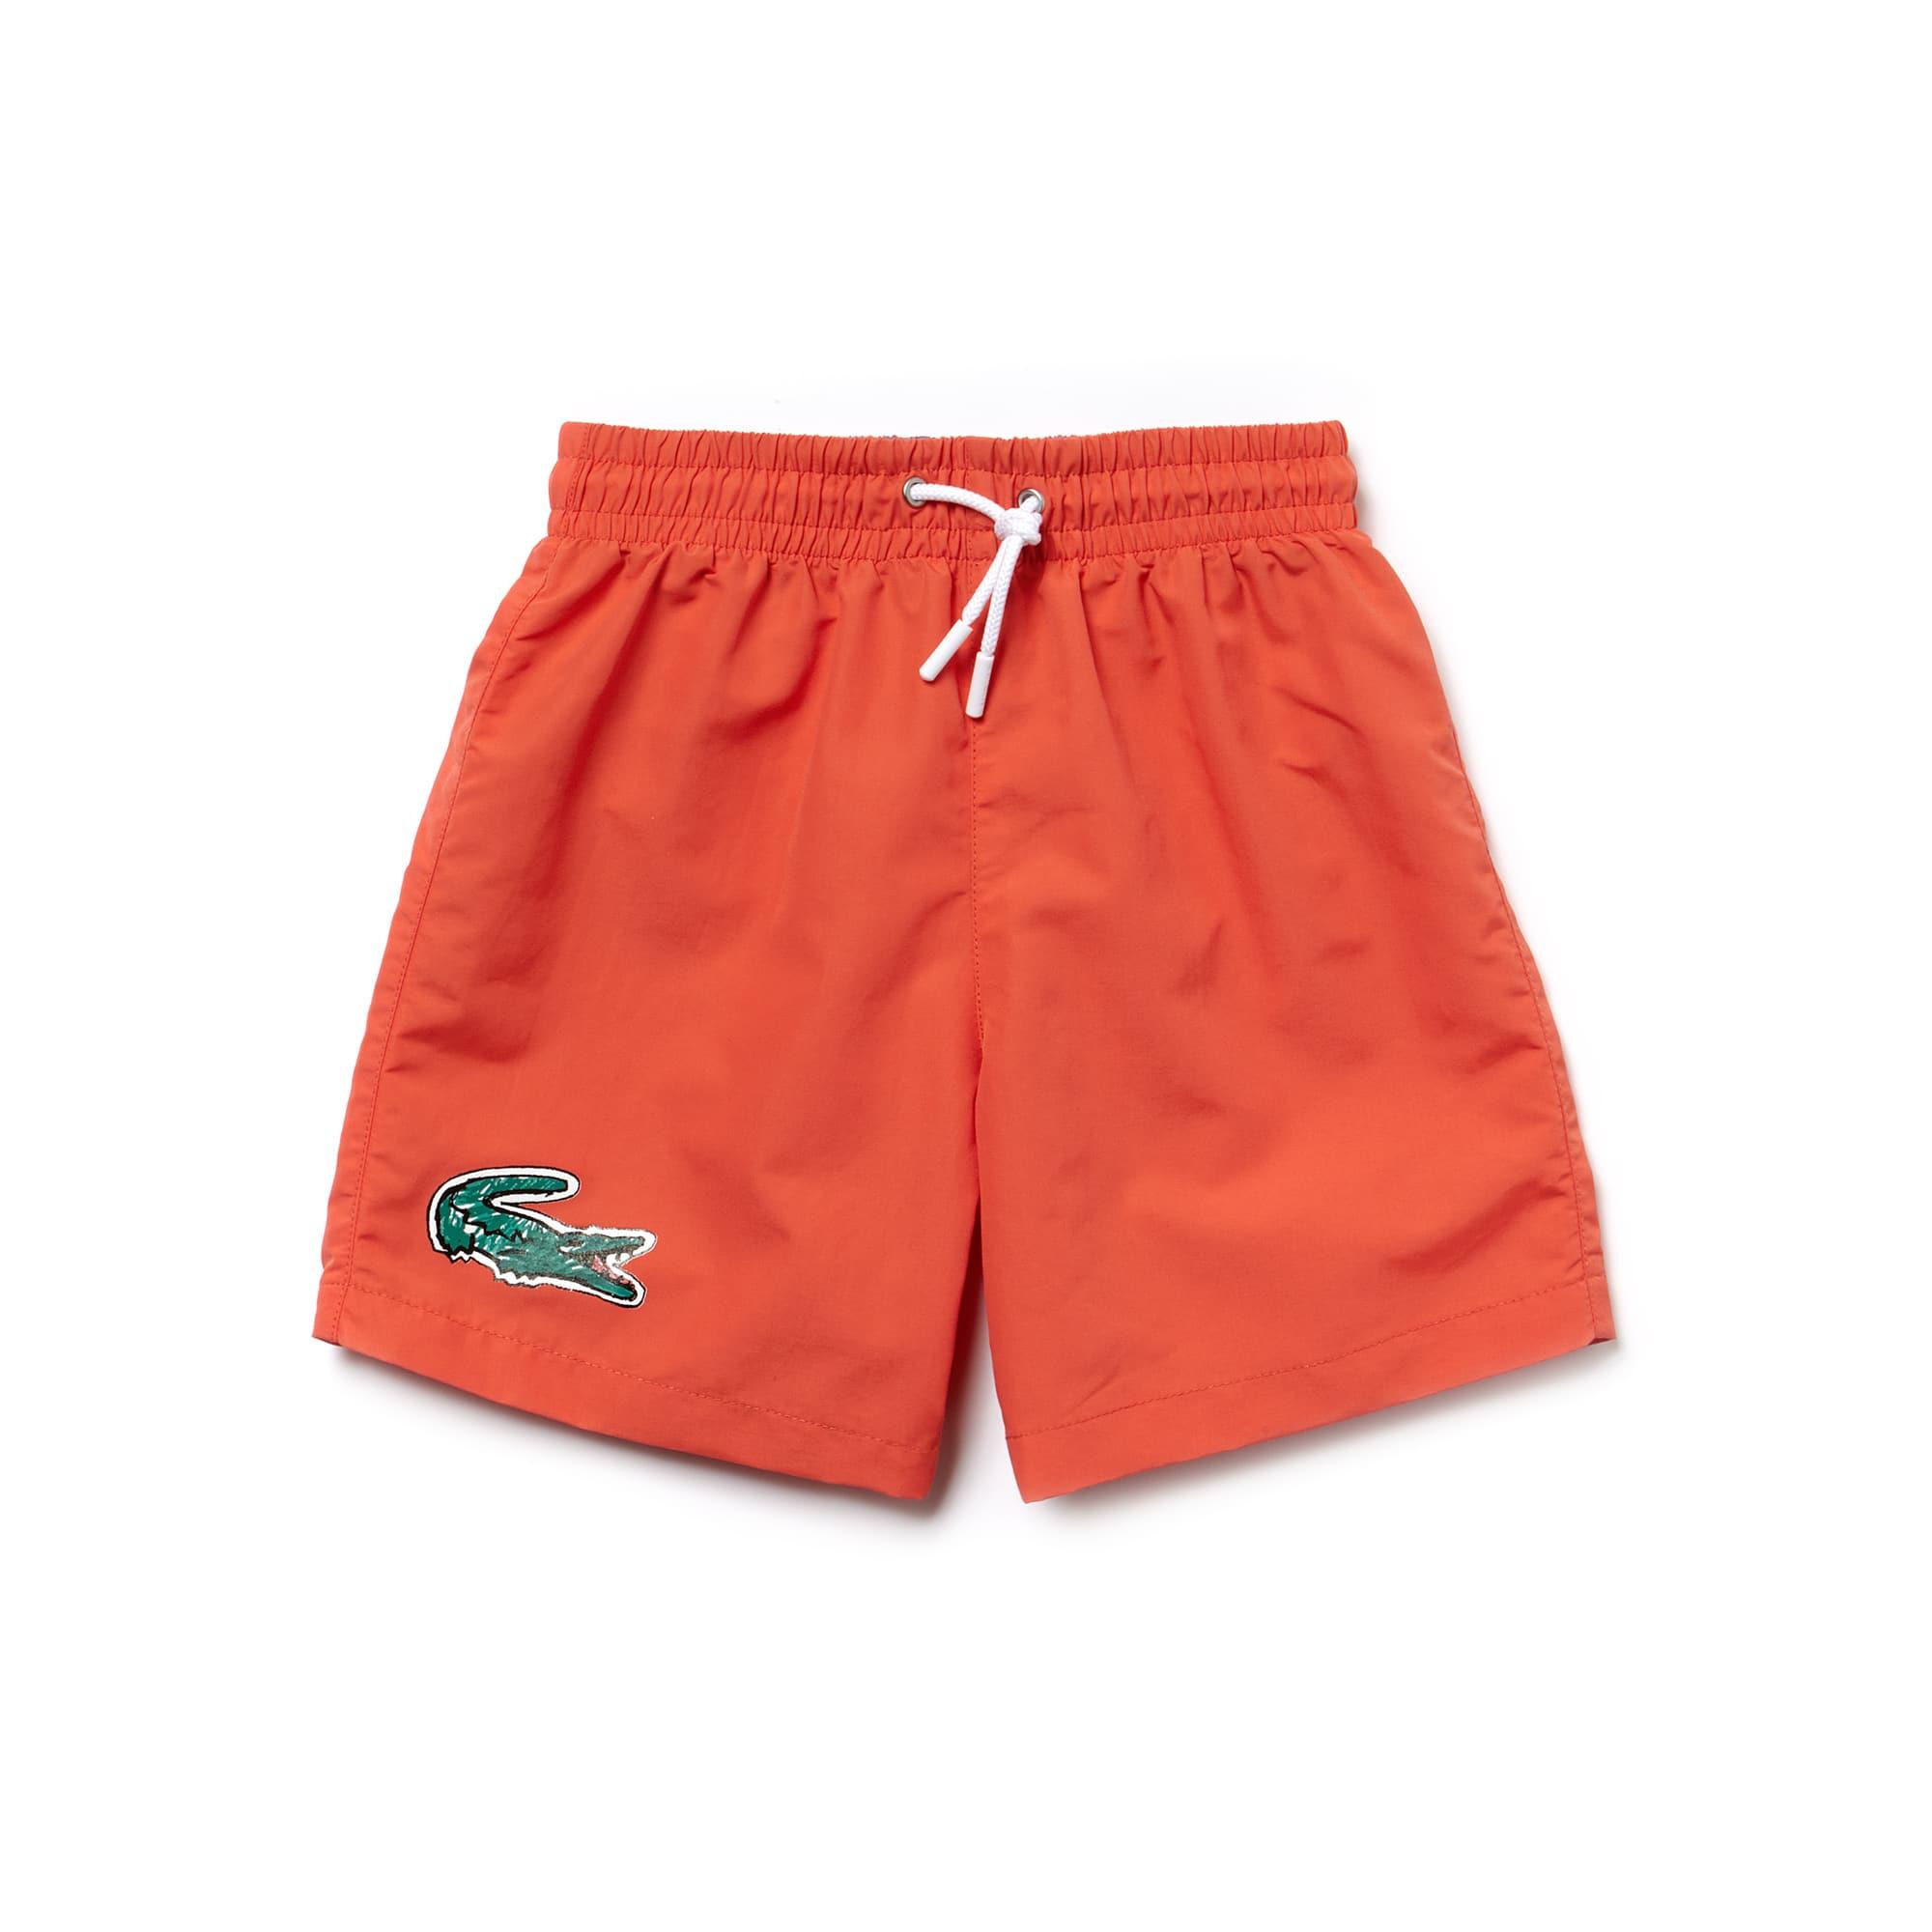 Pantaloncini da bagno Bambino in tela con coccodrillo oversize